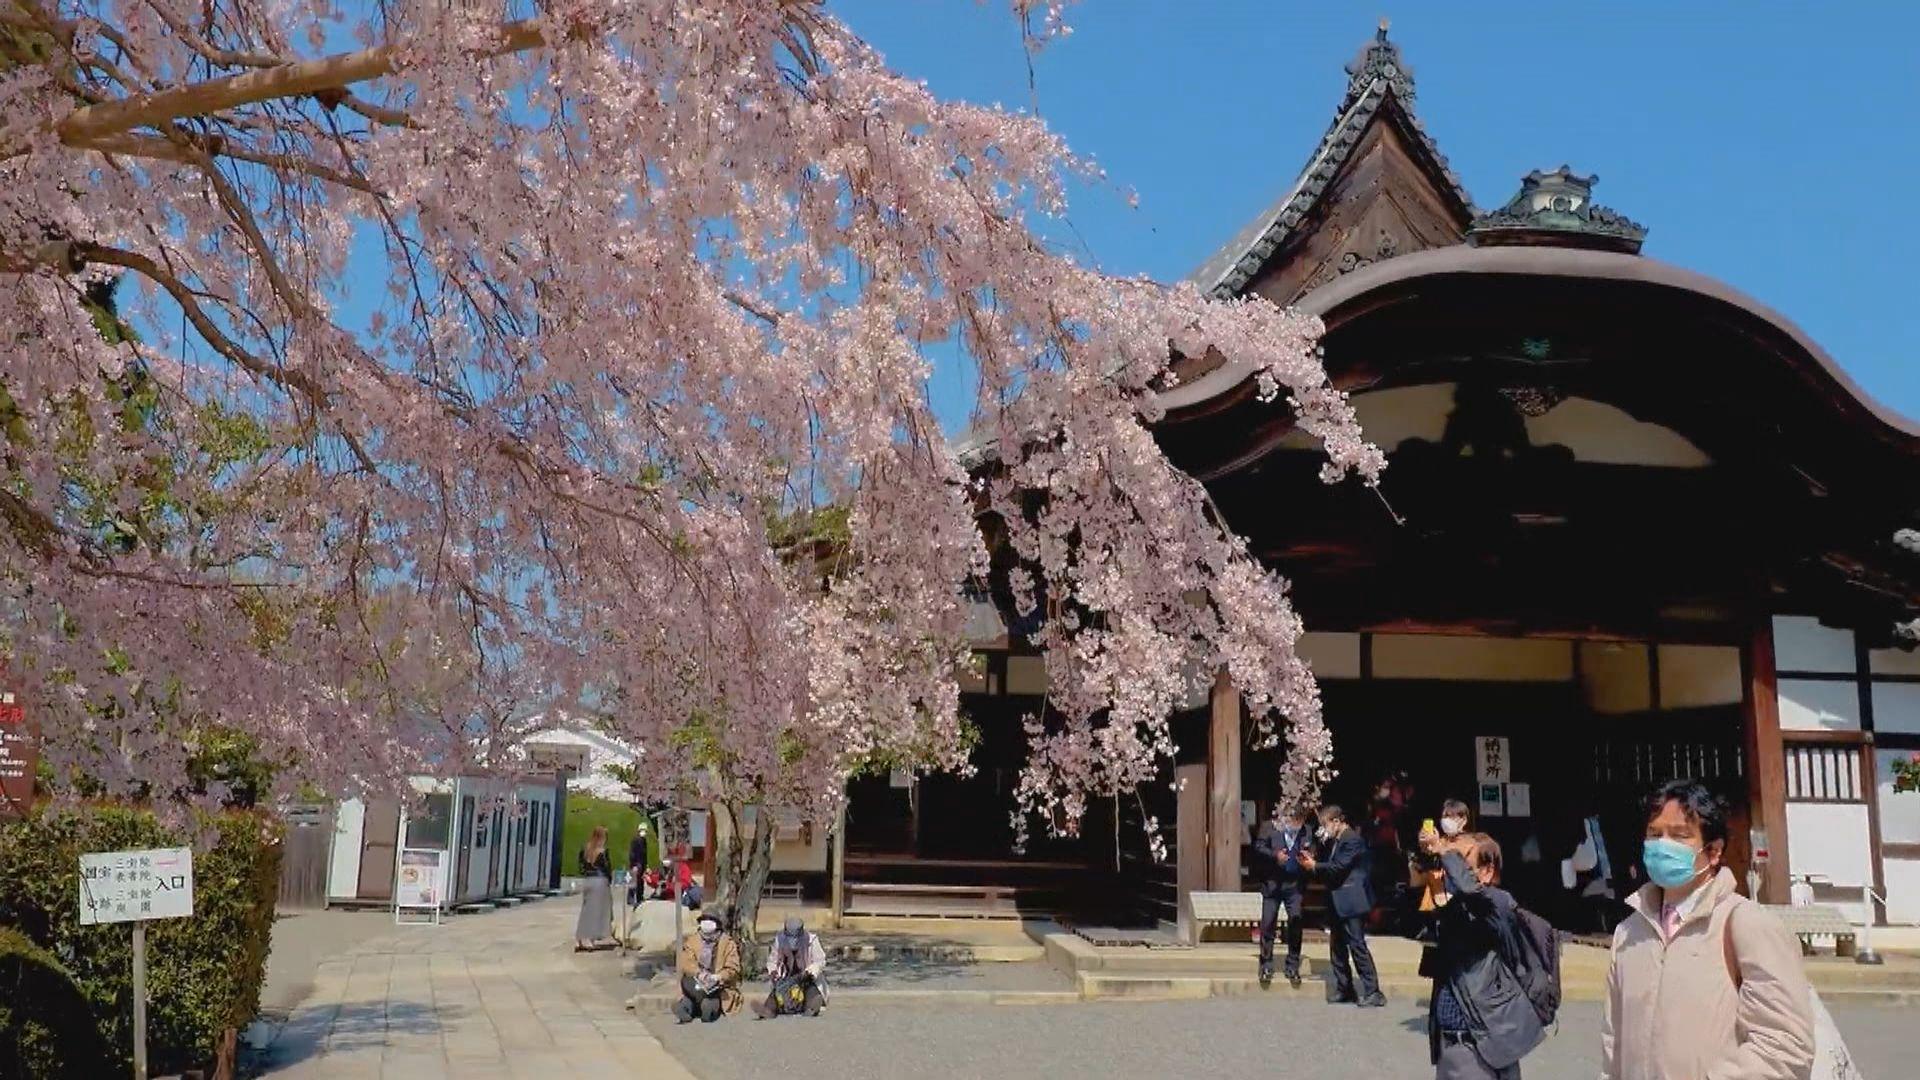 【環球薈報】日本京都迎來近1200年最早「櫻花季」